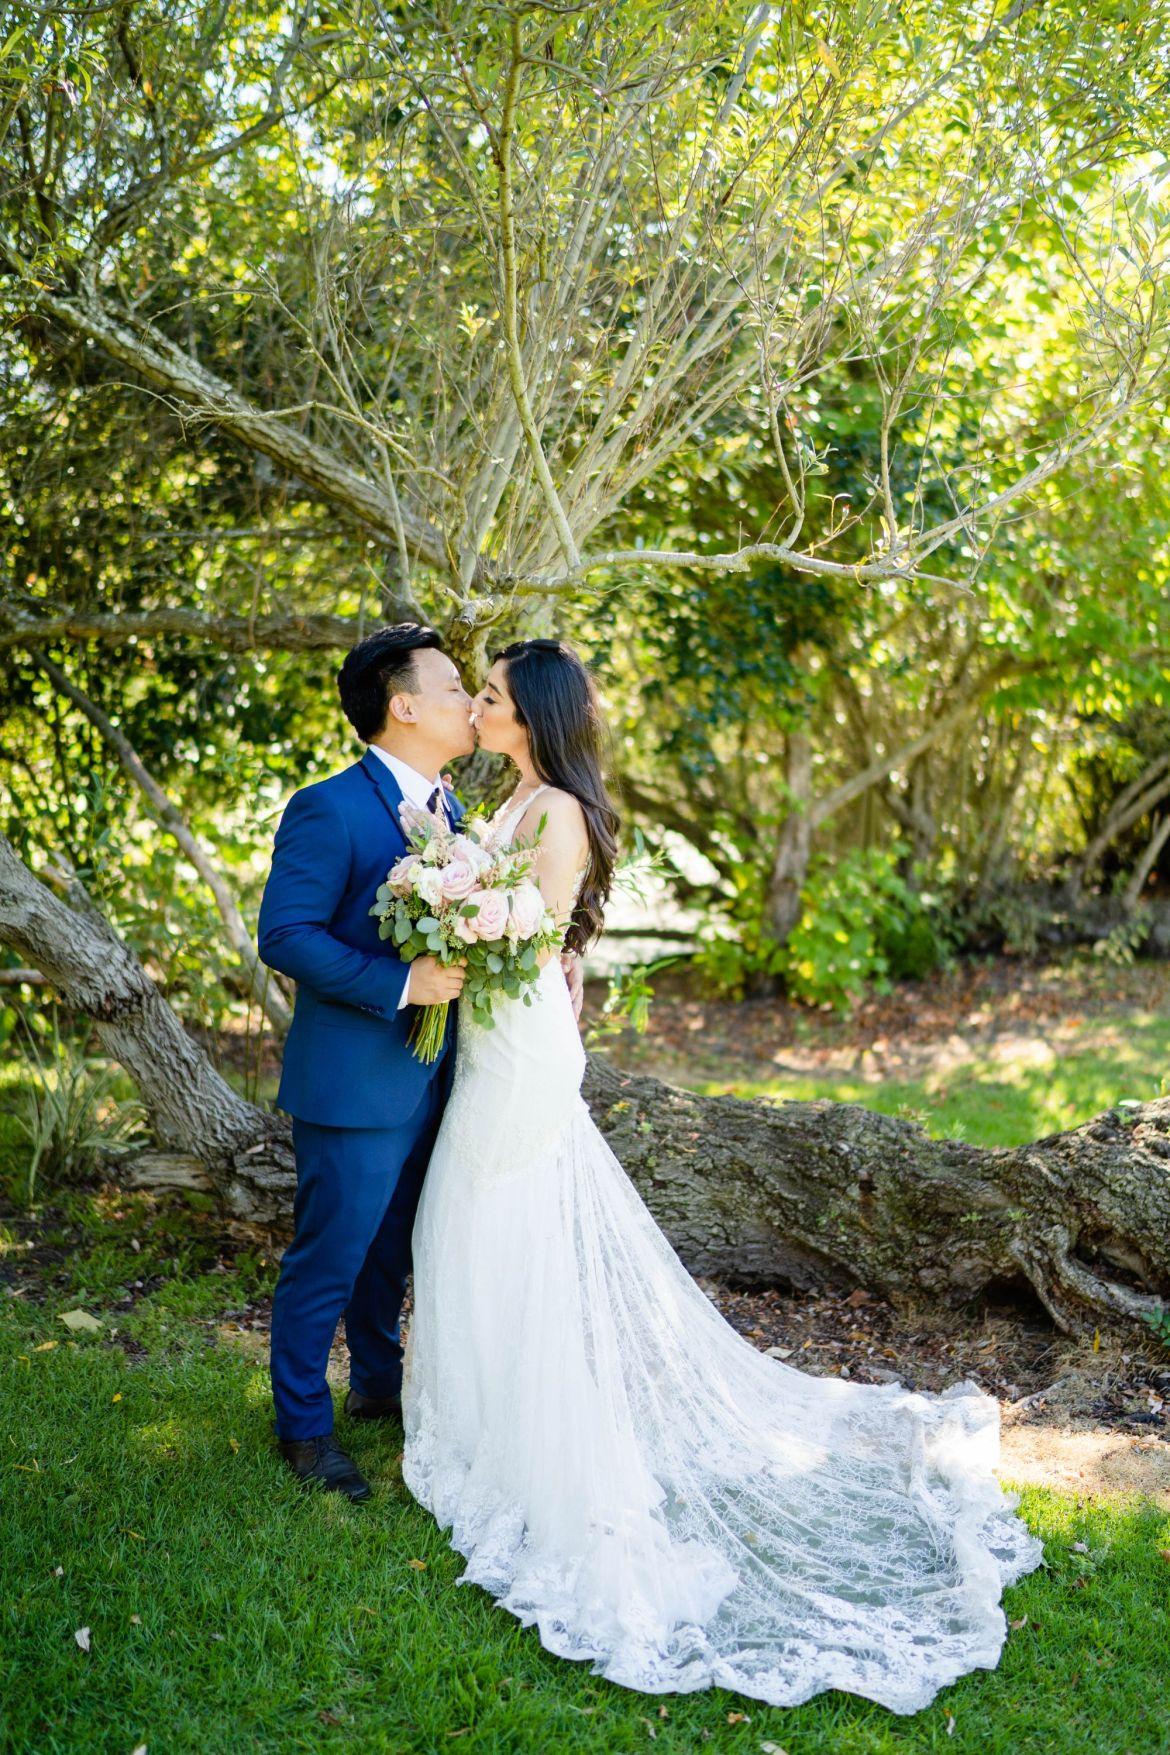 huntington beach wedding photographers oc